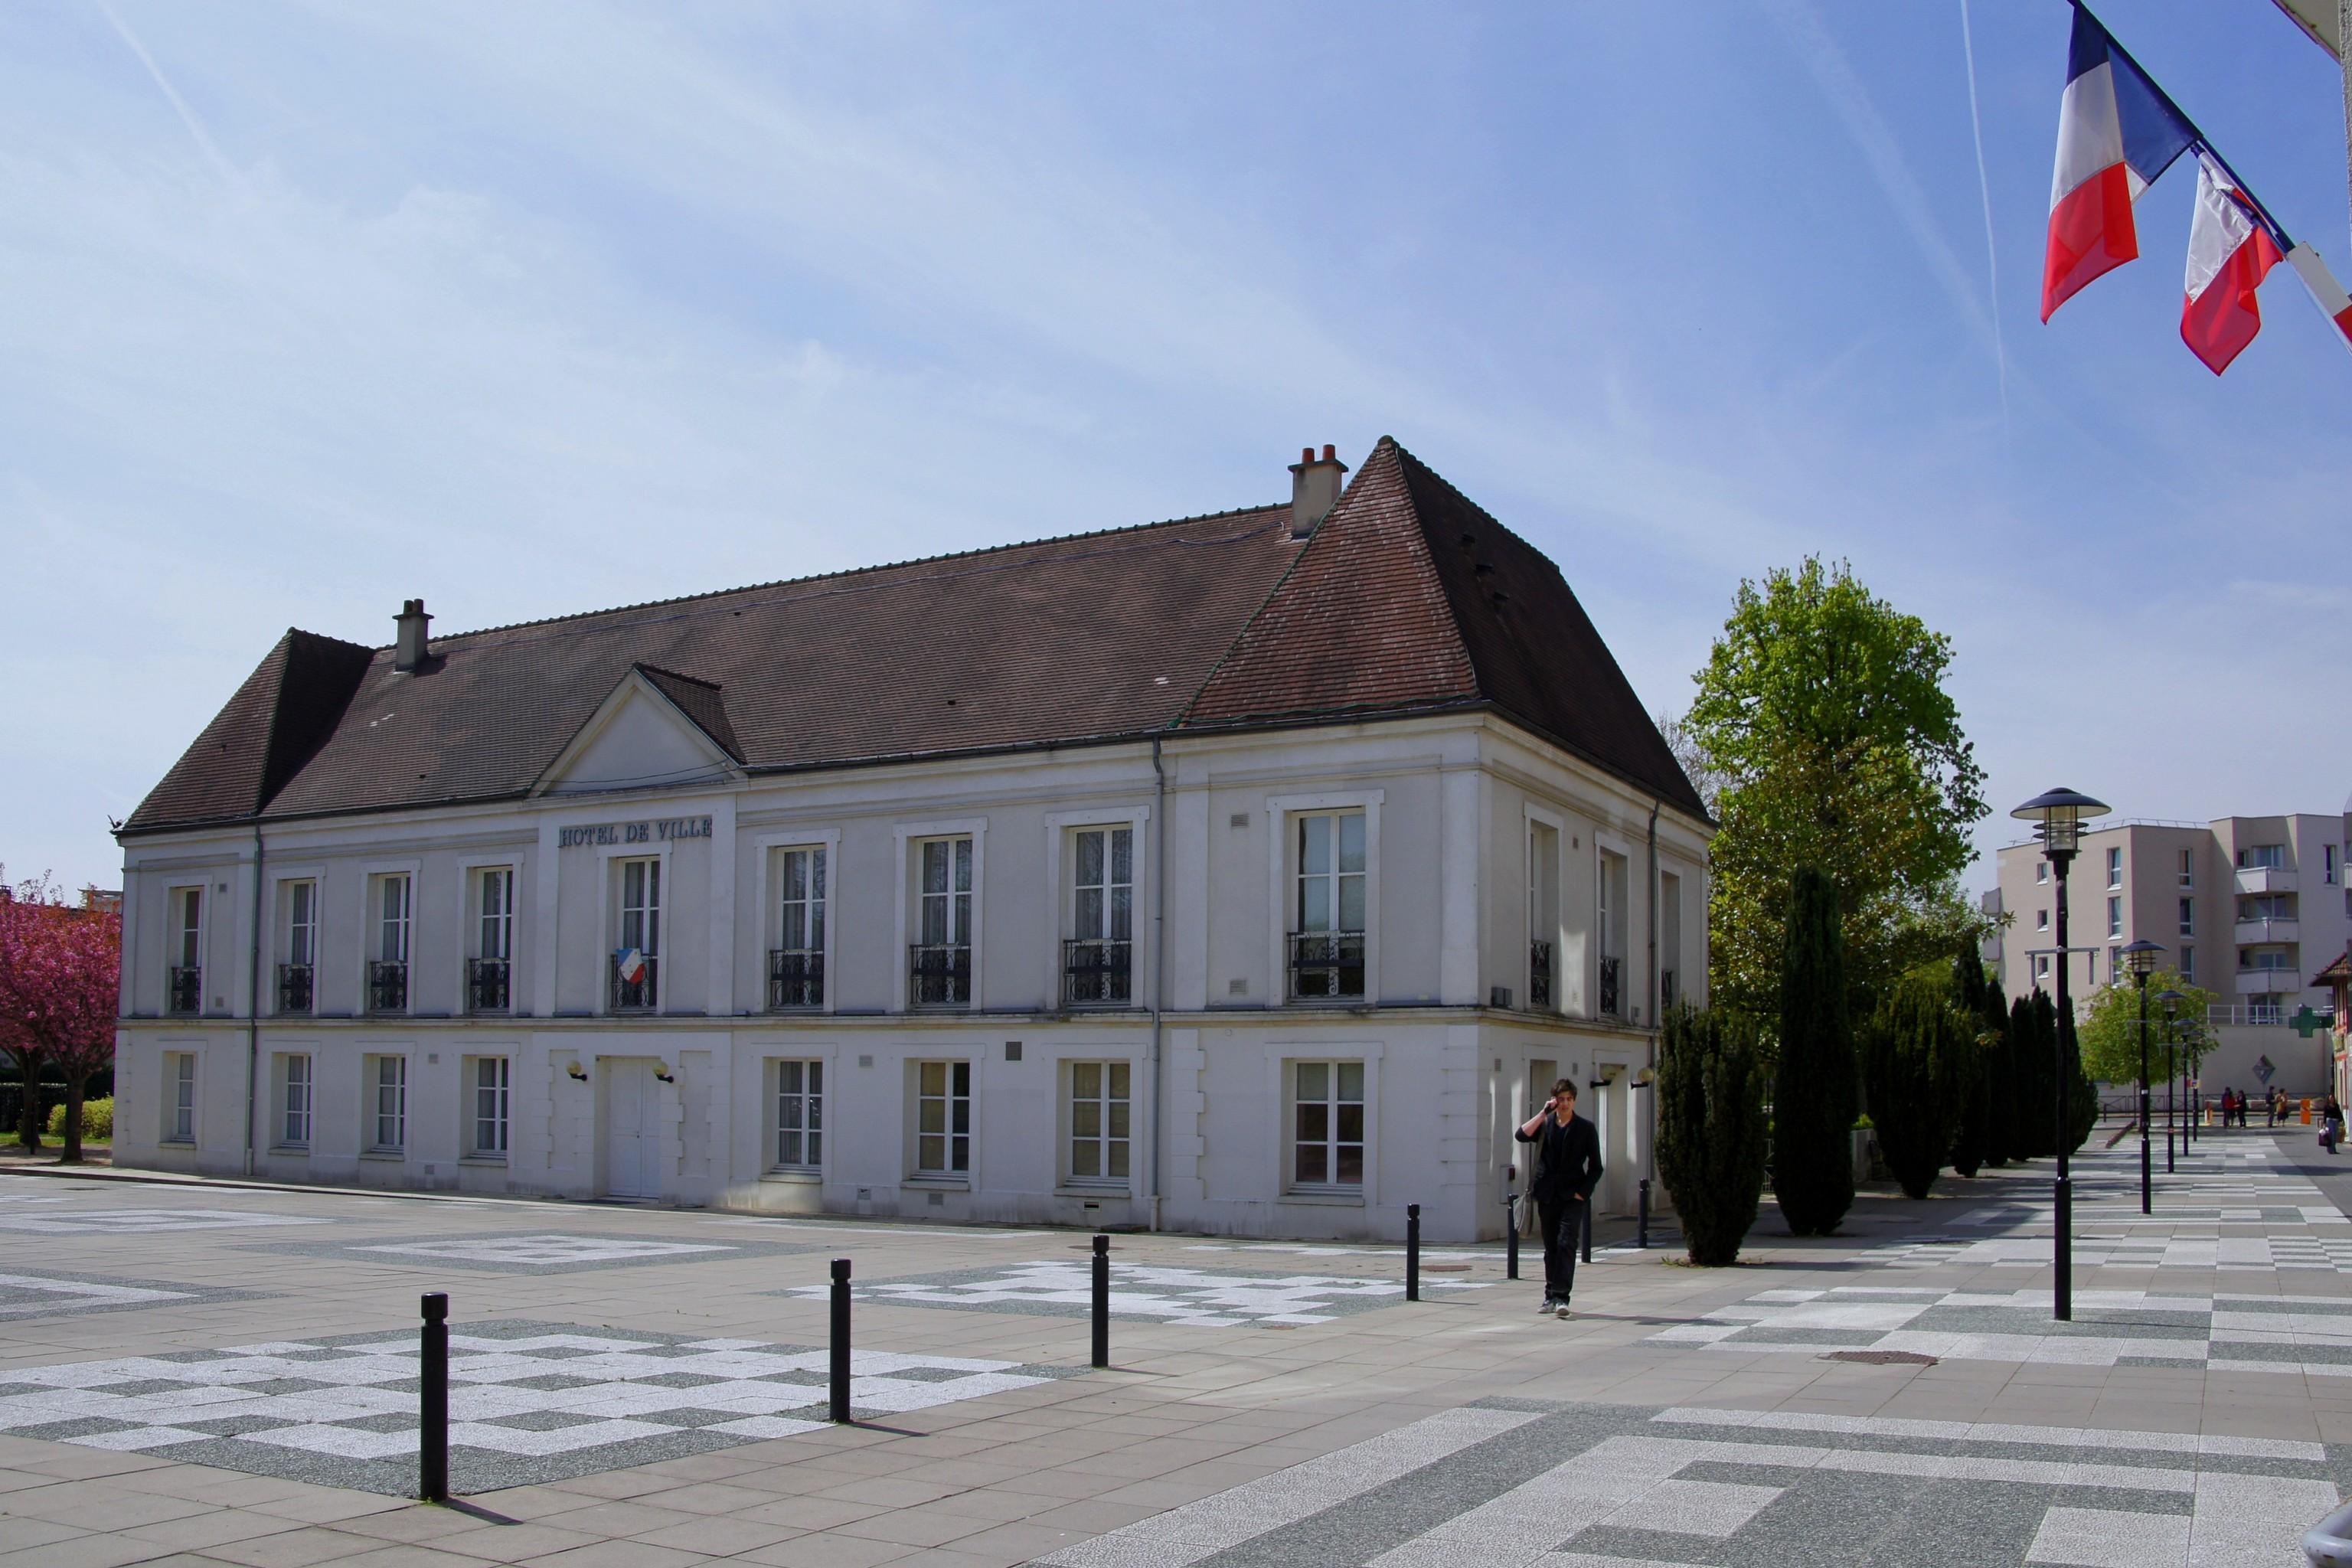 Hotel De Ville De Lognes